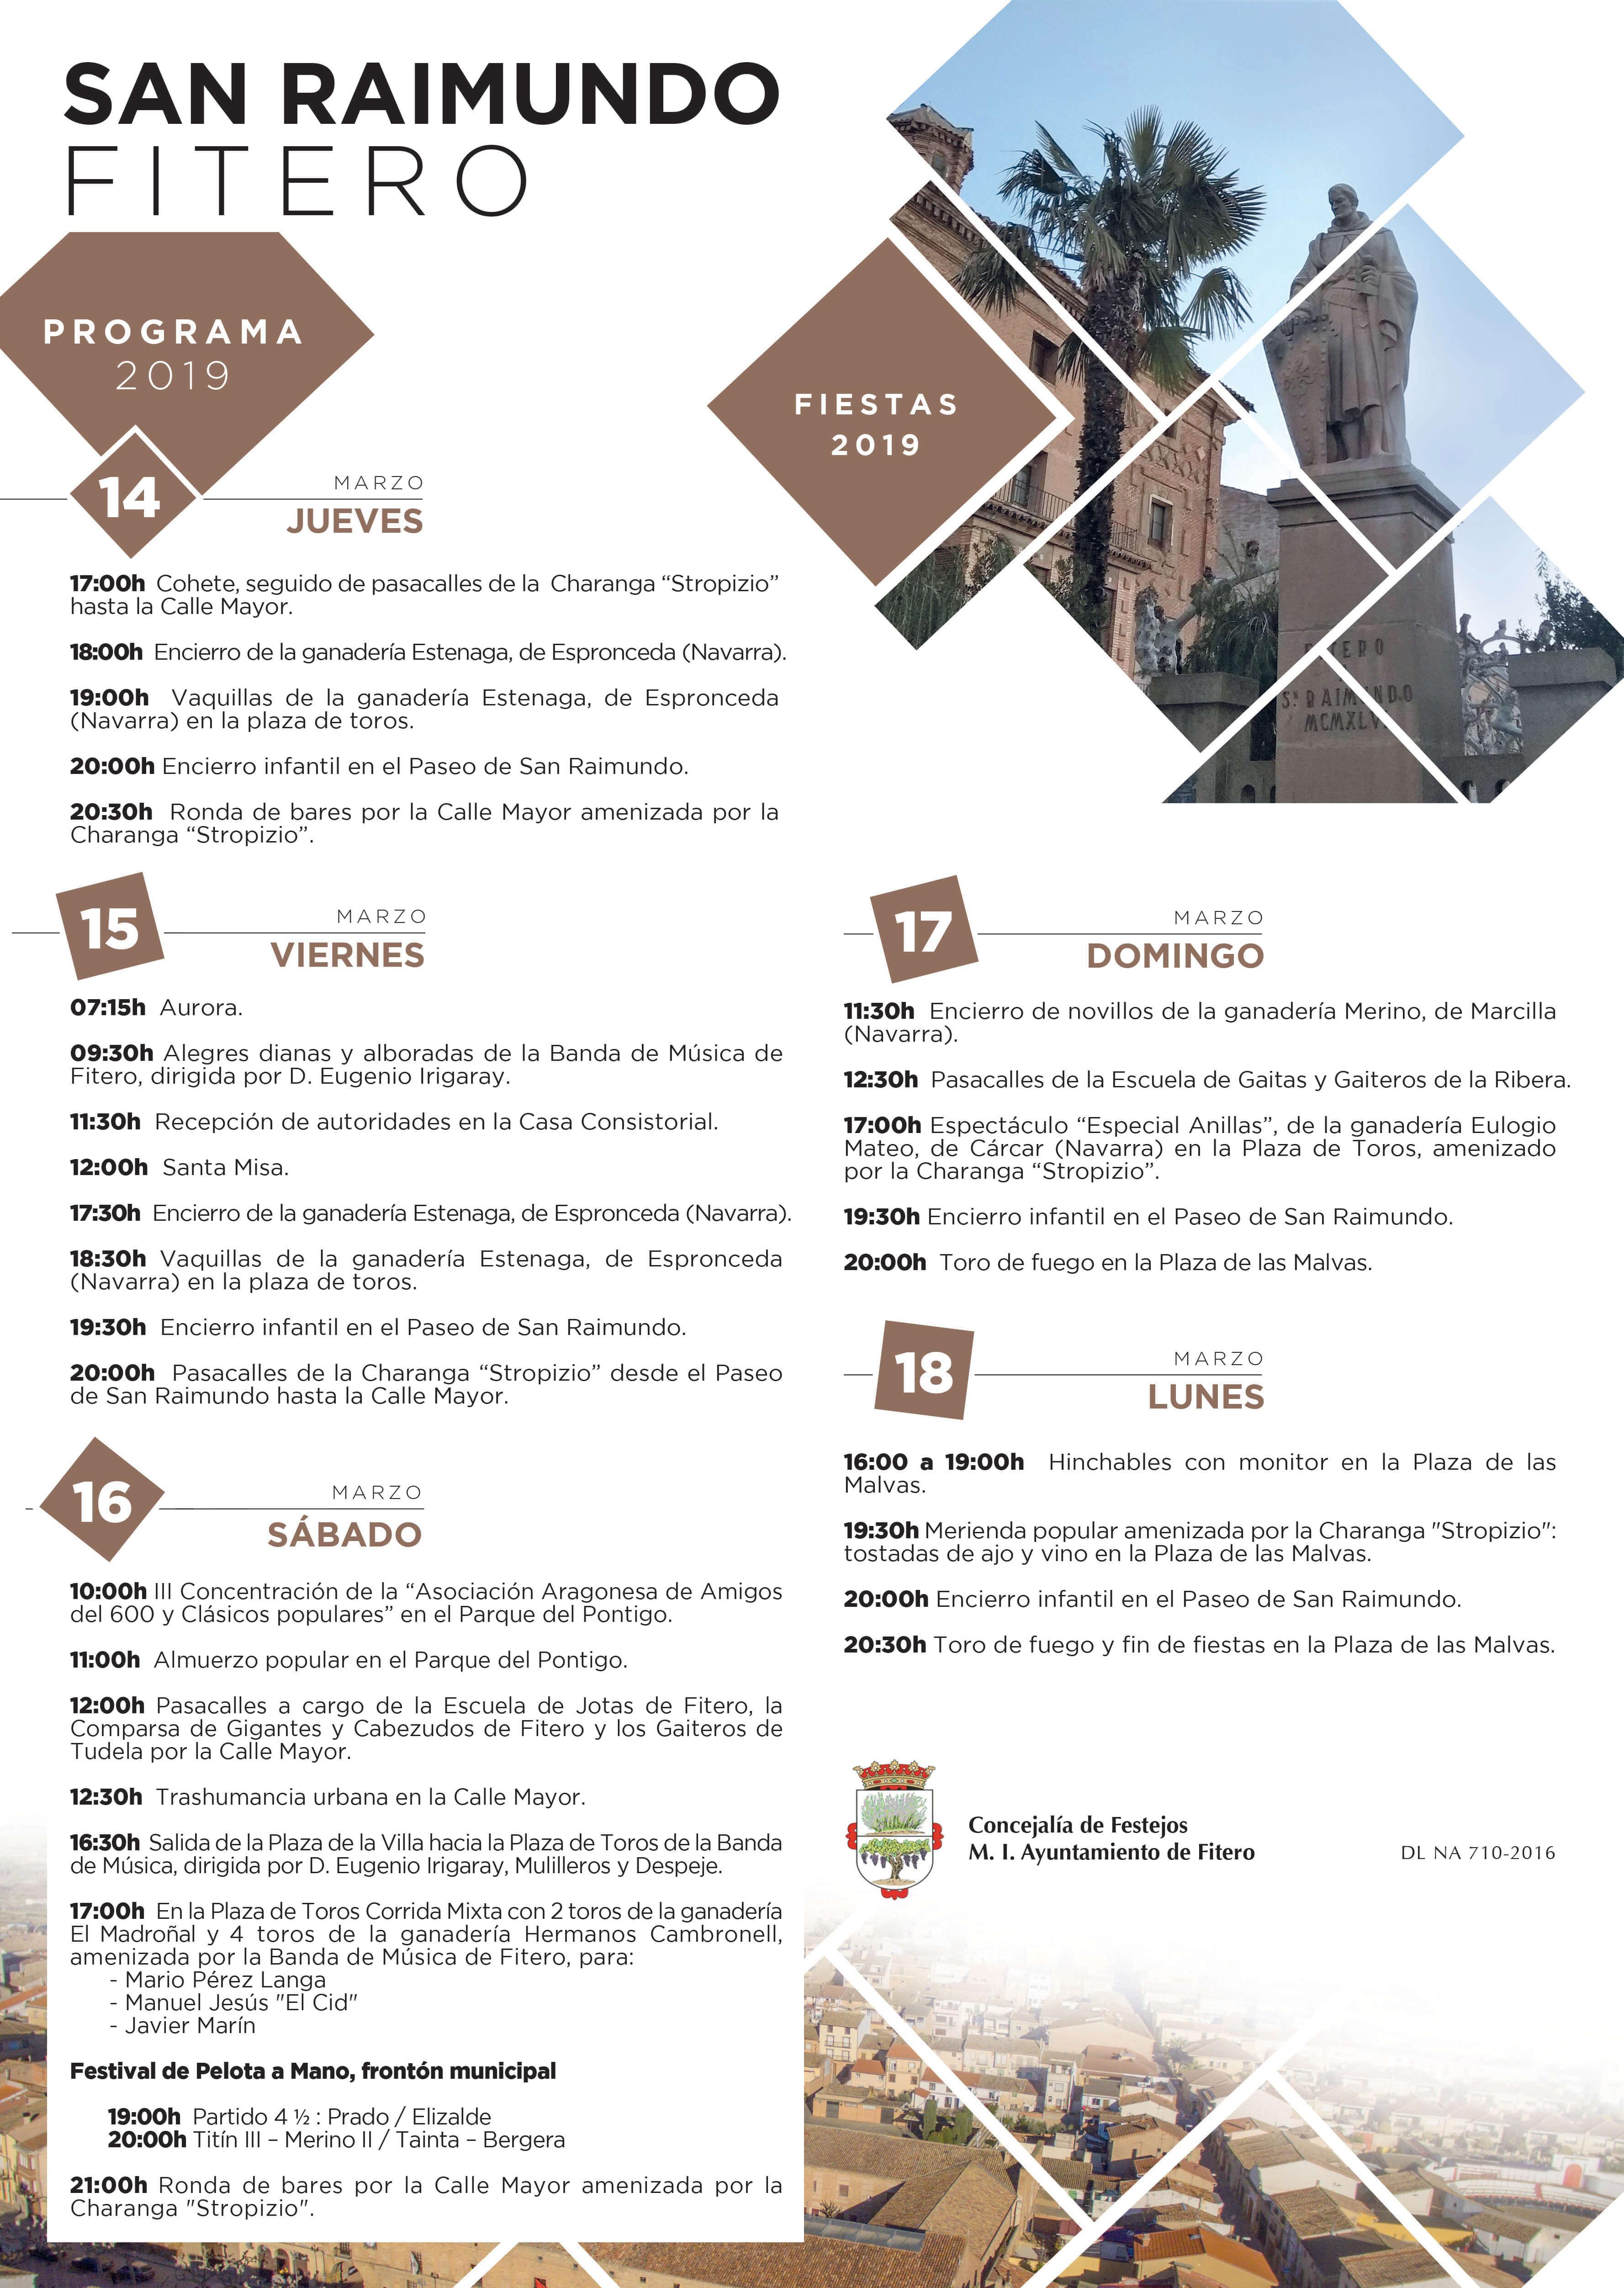 Fiestas patronales en honor a San Raimundo de Fitero, 14 a 18 marzo 2019